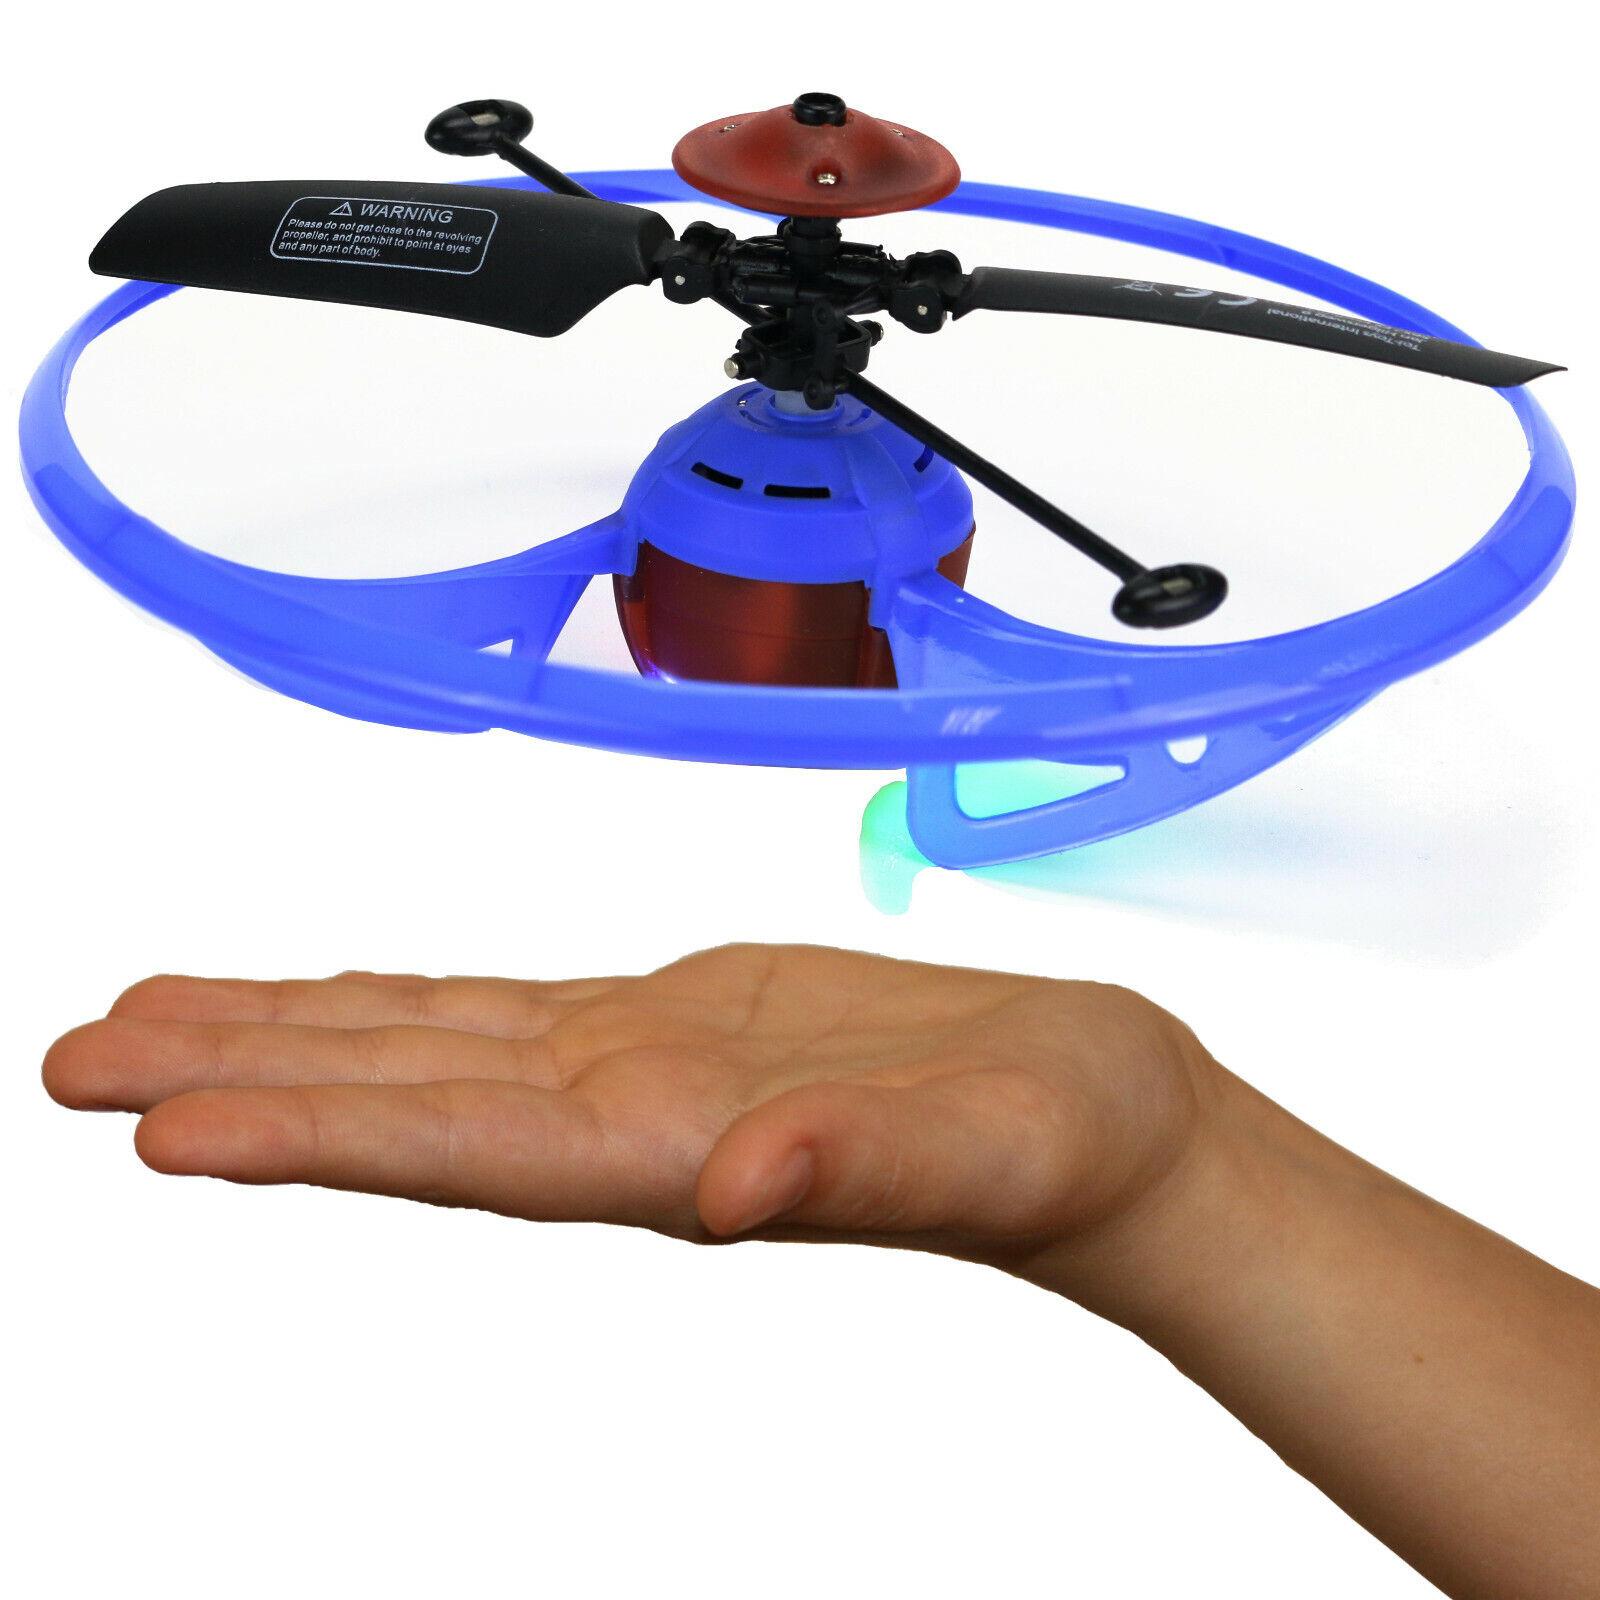 Infrarot UFO mit Hand steuerbar Spielzeug Drohne ab 8 Jahre USB Ladekabel 14cm Ø